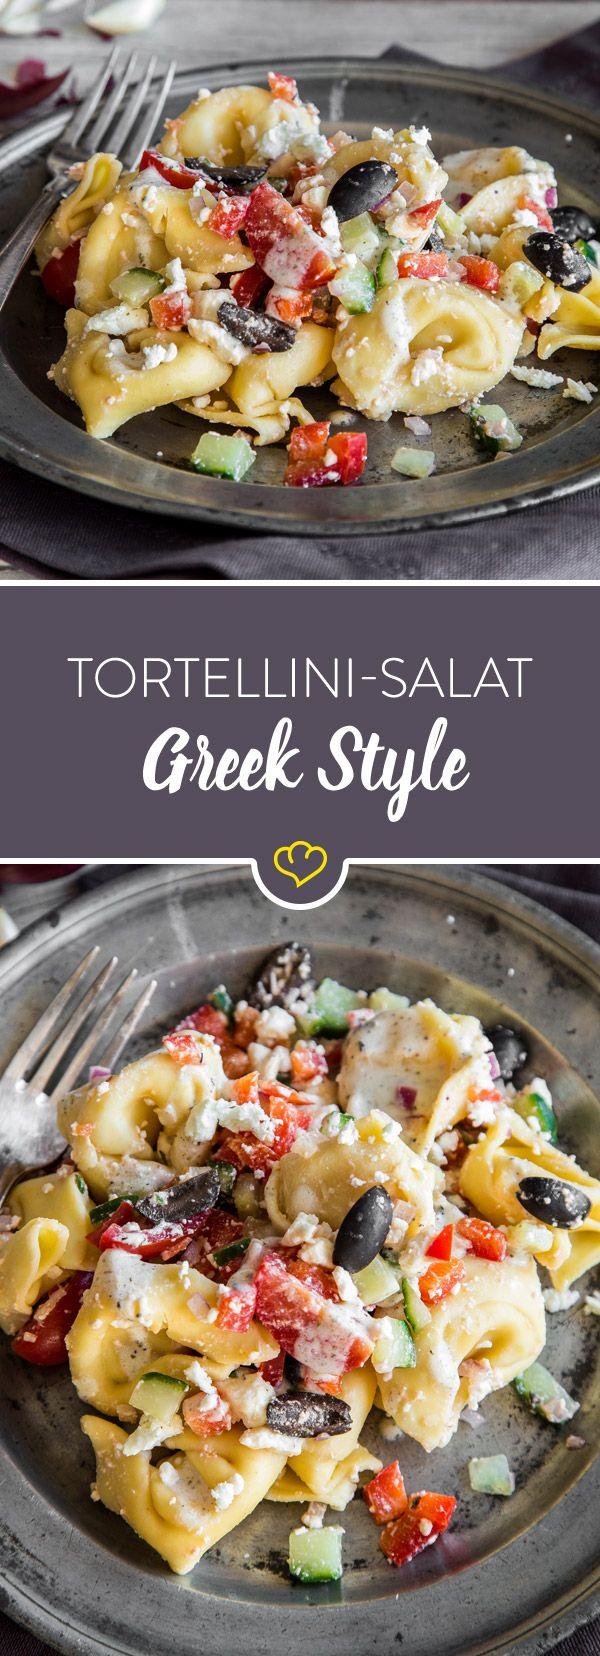 Italienisch griechischer Tortellini Salat mit Feta